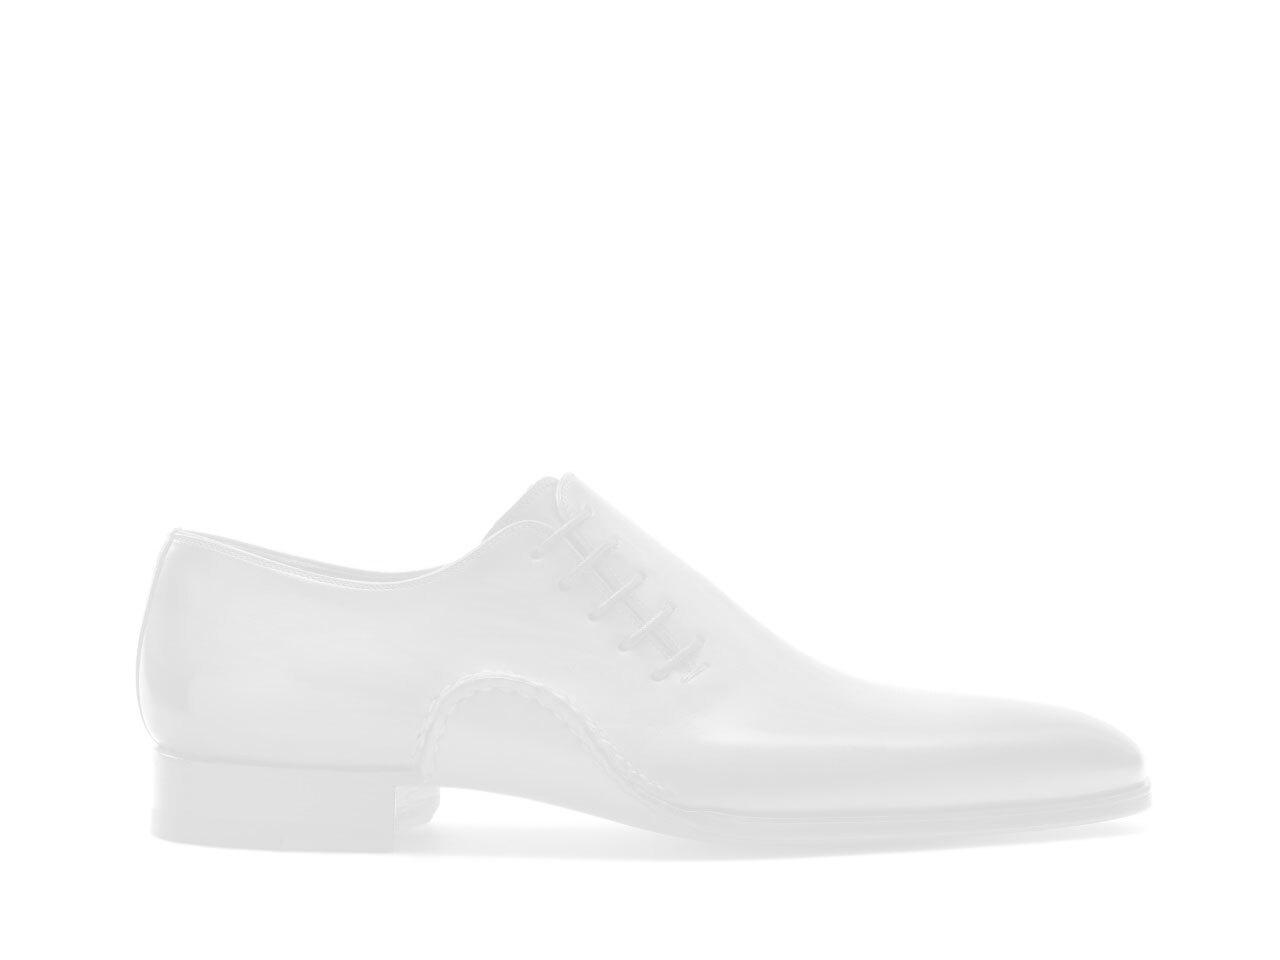 Navy blue wholecut single monk strap shoes for men - Magnanni